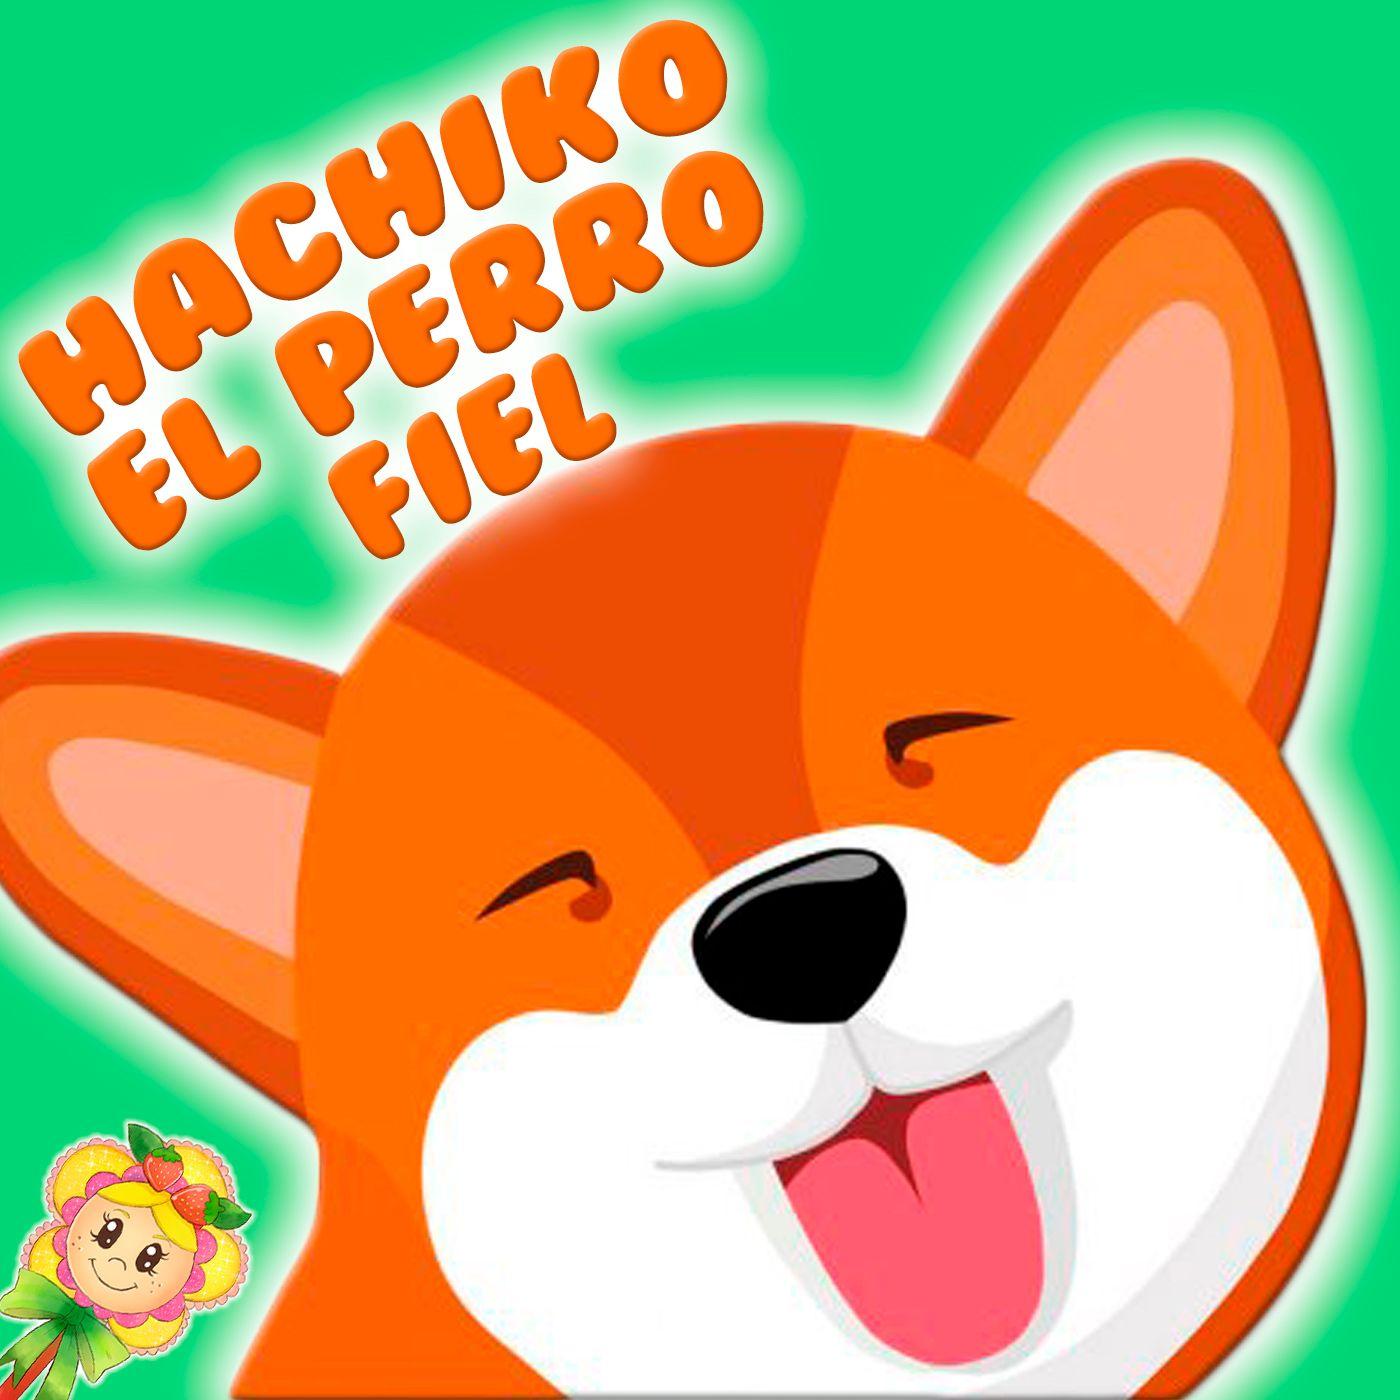 150. Hachiko. Cuento infantil japonés sobre un perro increíble